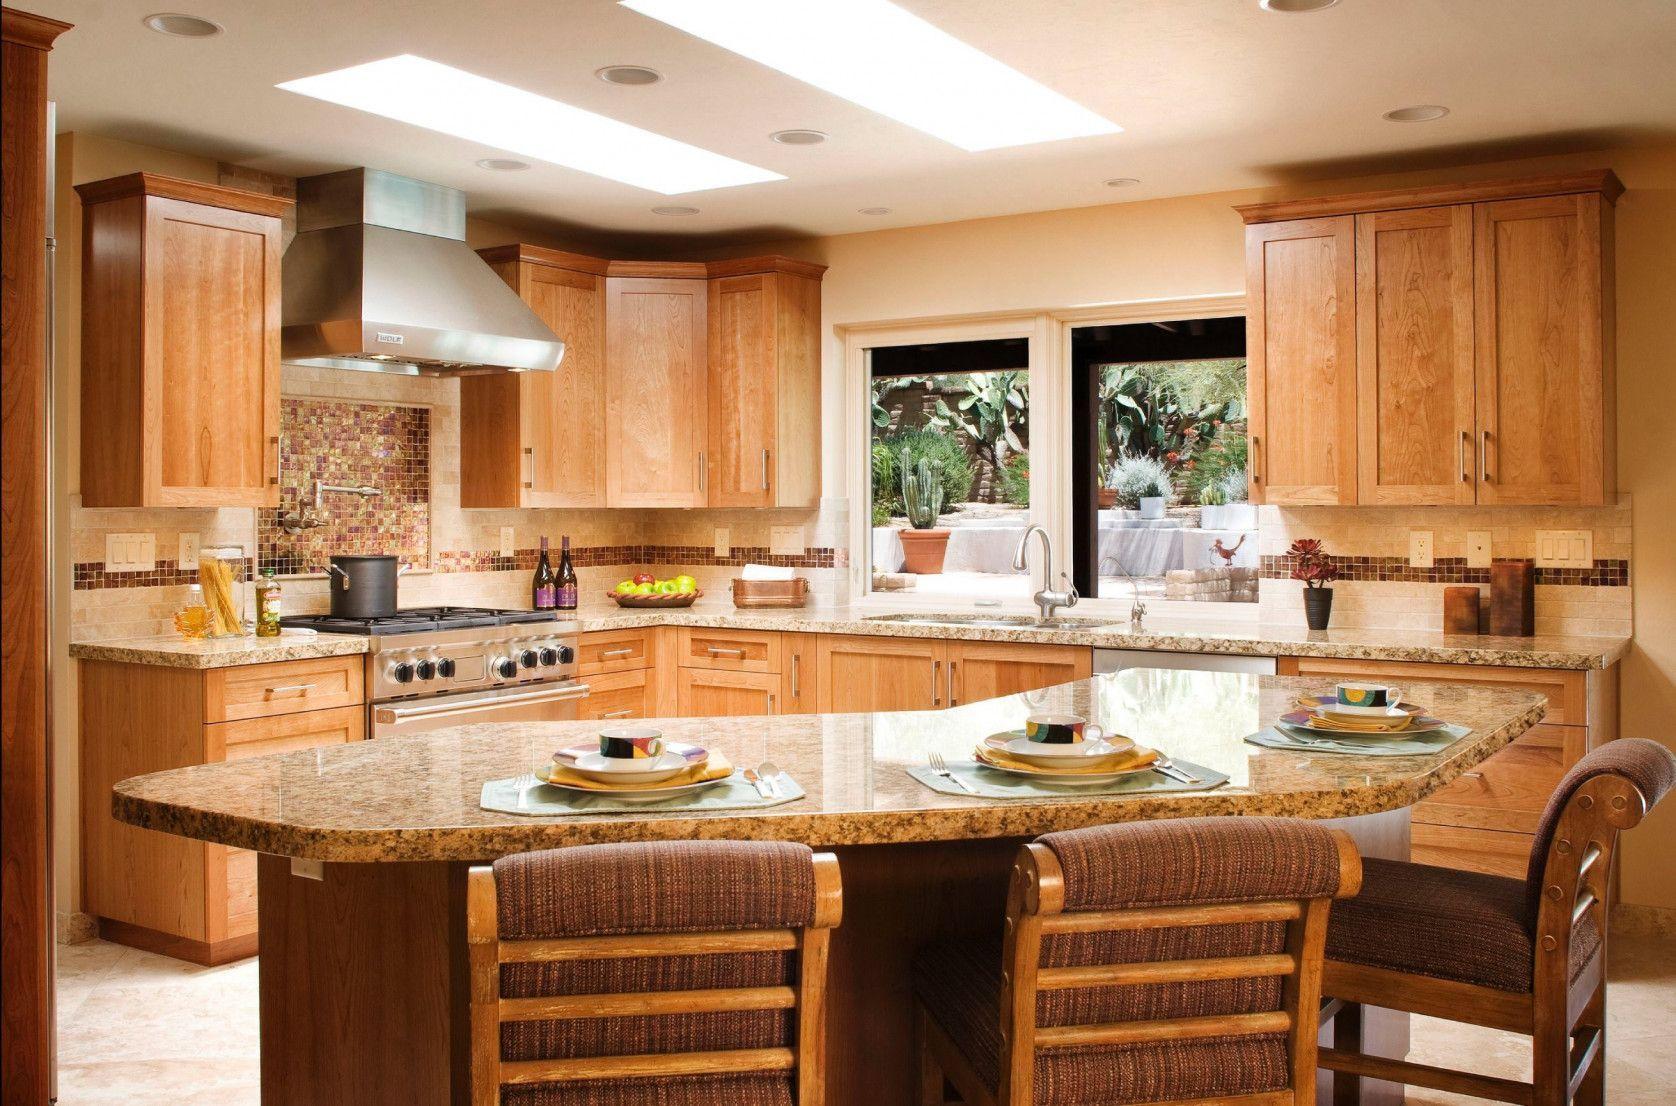 99 kitchen cabinets tucson az kitchen cabinets storage ideas rh in pinterest com Refacing Kitchen Cabinets Kitchen Cabinets Tucson AZ Davis